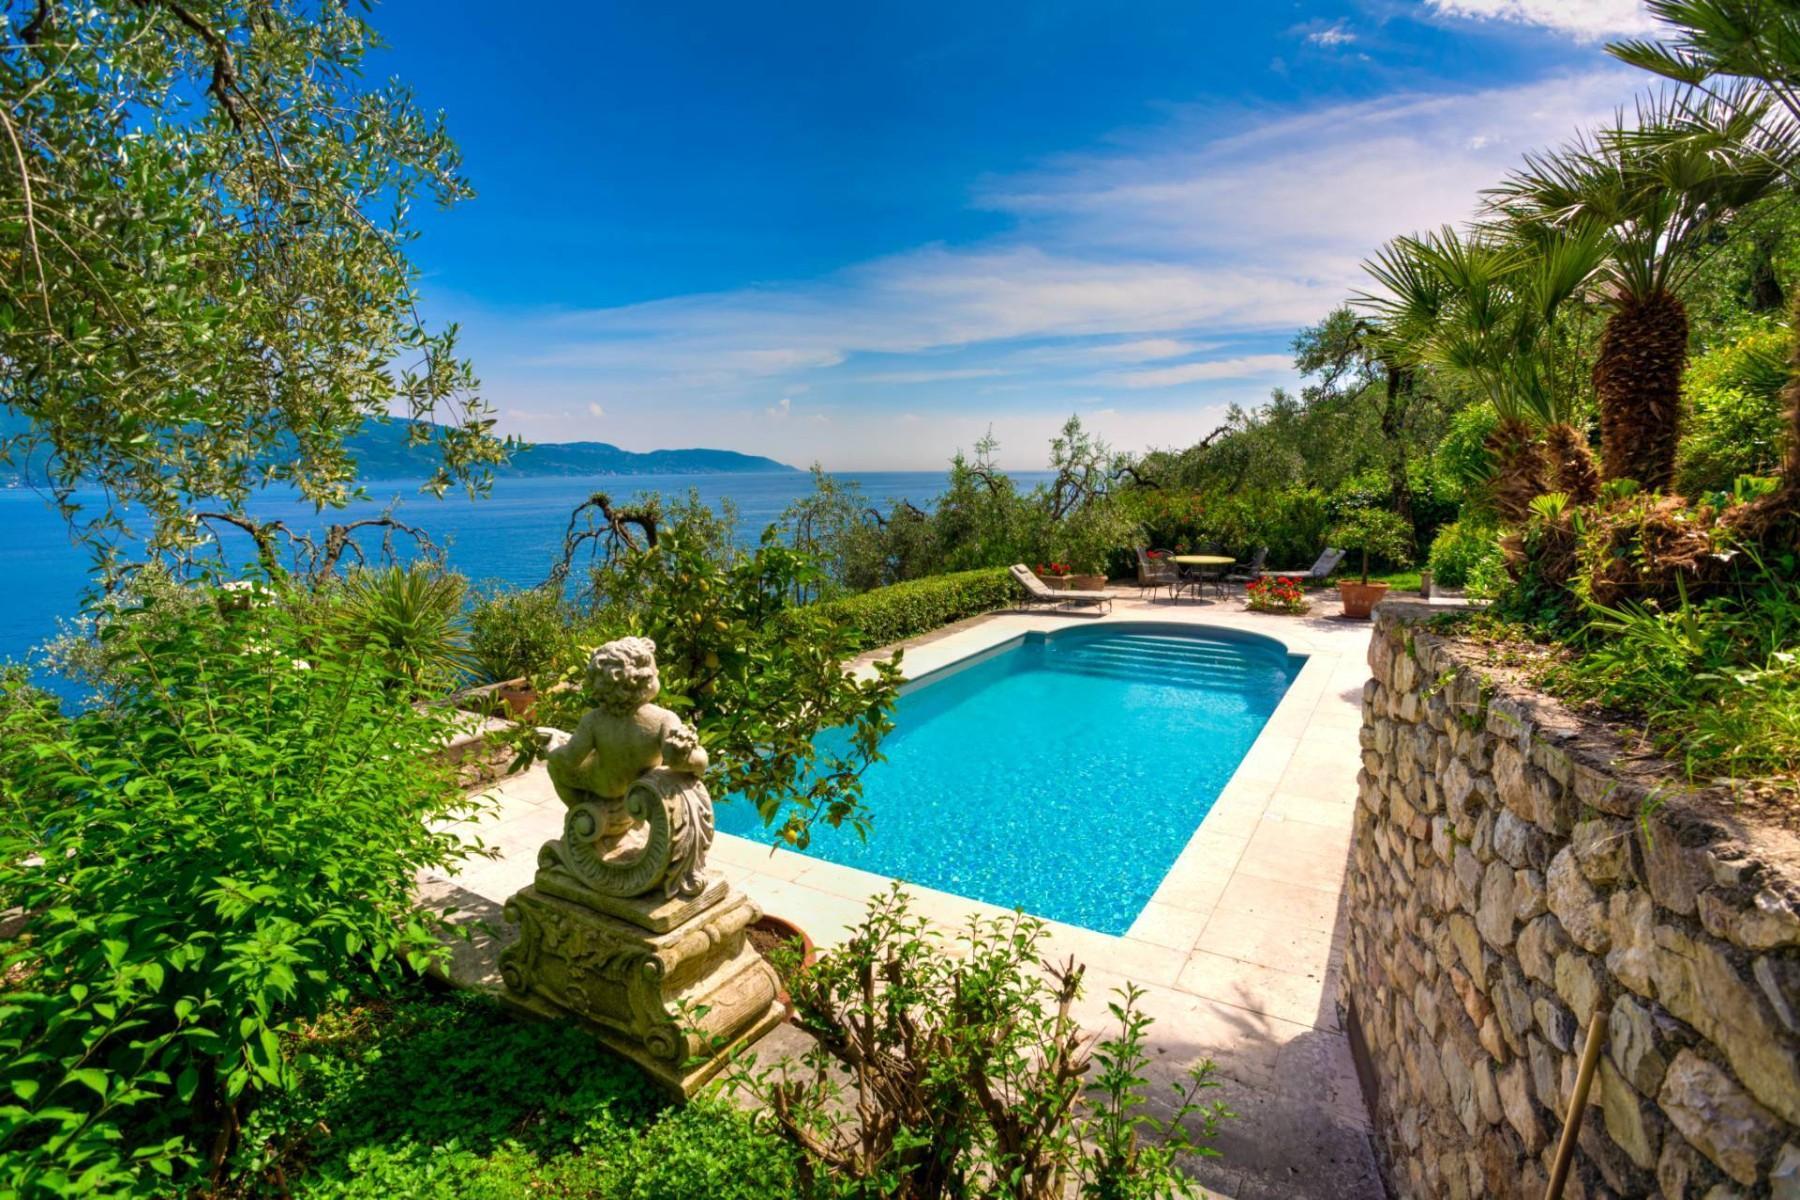 Atemberaubende moderne Villa mit exklusivem Pool und herrlichem Seeblick - 9